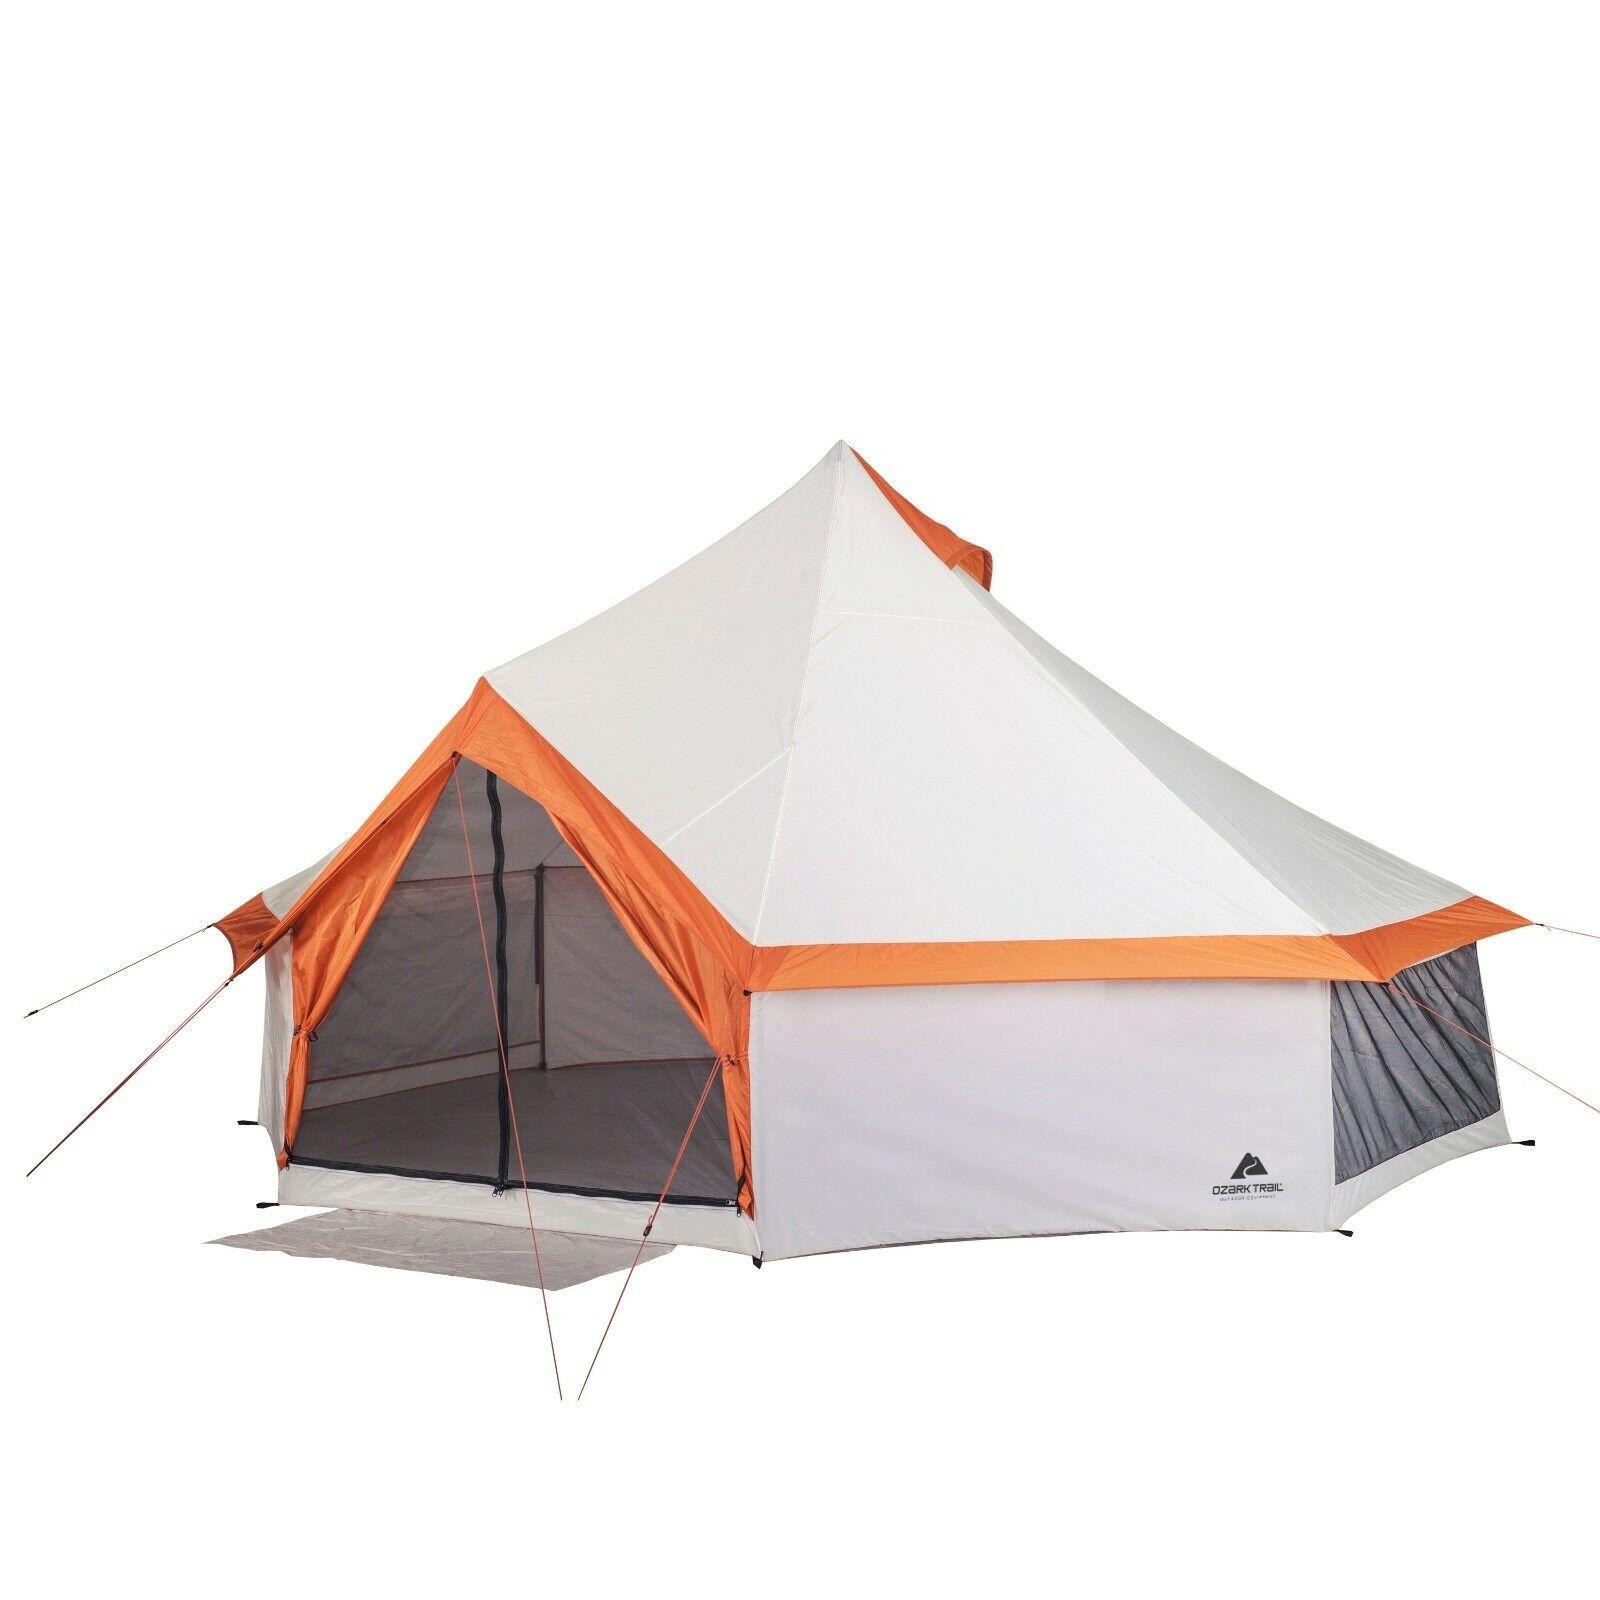 Größer Campingplatz Yurt Style 8 Person Wandern Outdoor Family Shelter Einfache Einrichtung